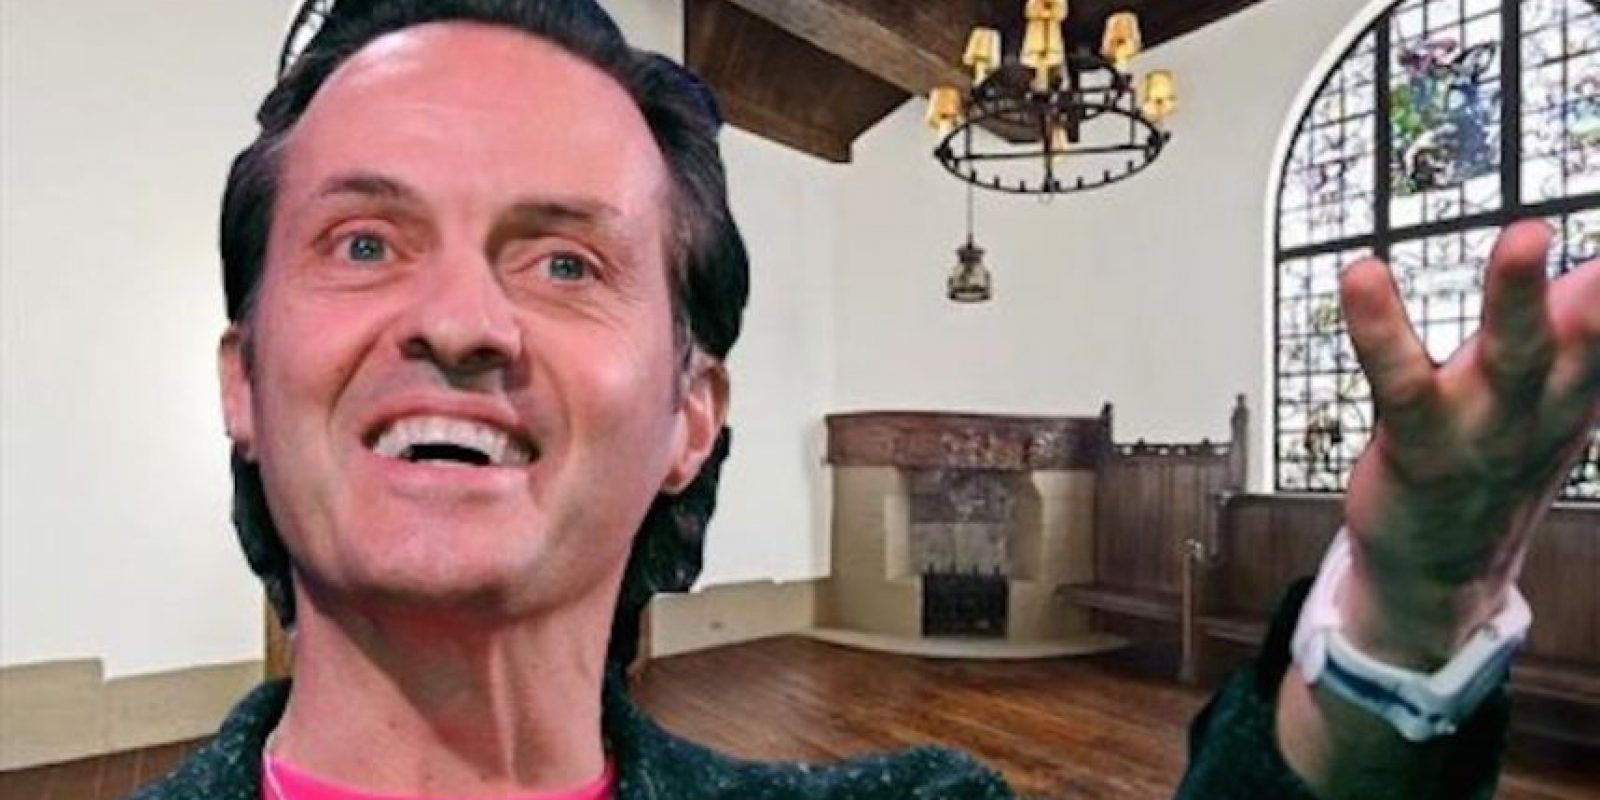 John Legere, CEO de T Mobile, compró una mansión de 18 millones de dólares. Foto:corcoran.com/Getty Images